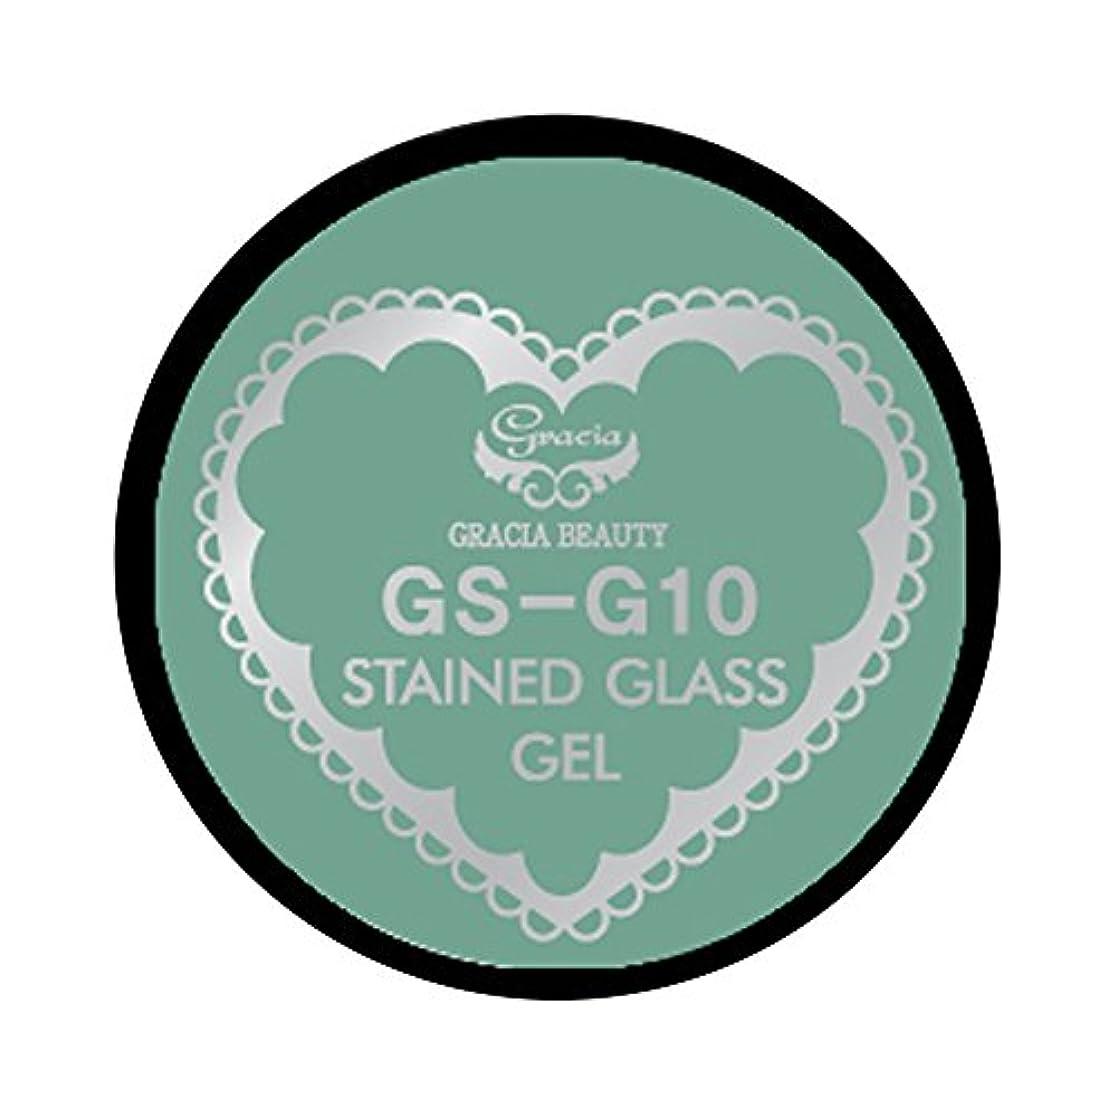 開始近傍猫背グラシア ジェルネイル ステンドグラスジェル GSM-G10 3g  グリッター UV/LED対応 カラージェル ソークオフジェル ガラスのような透明感